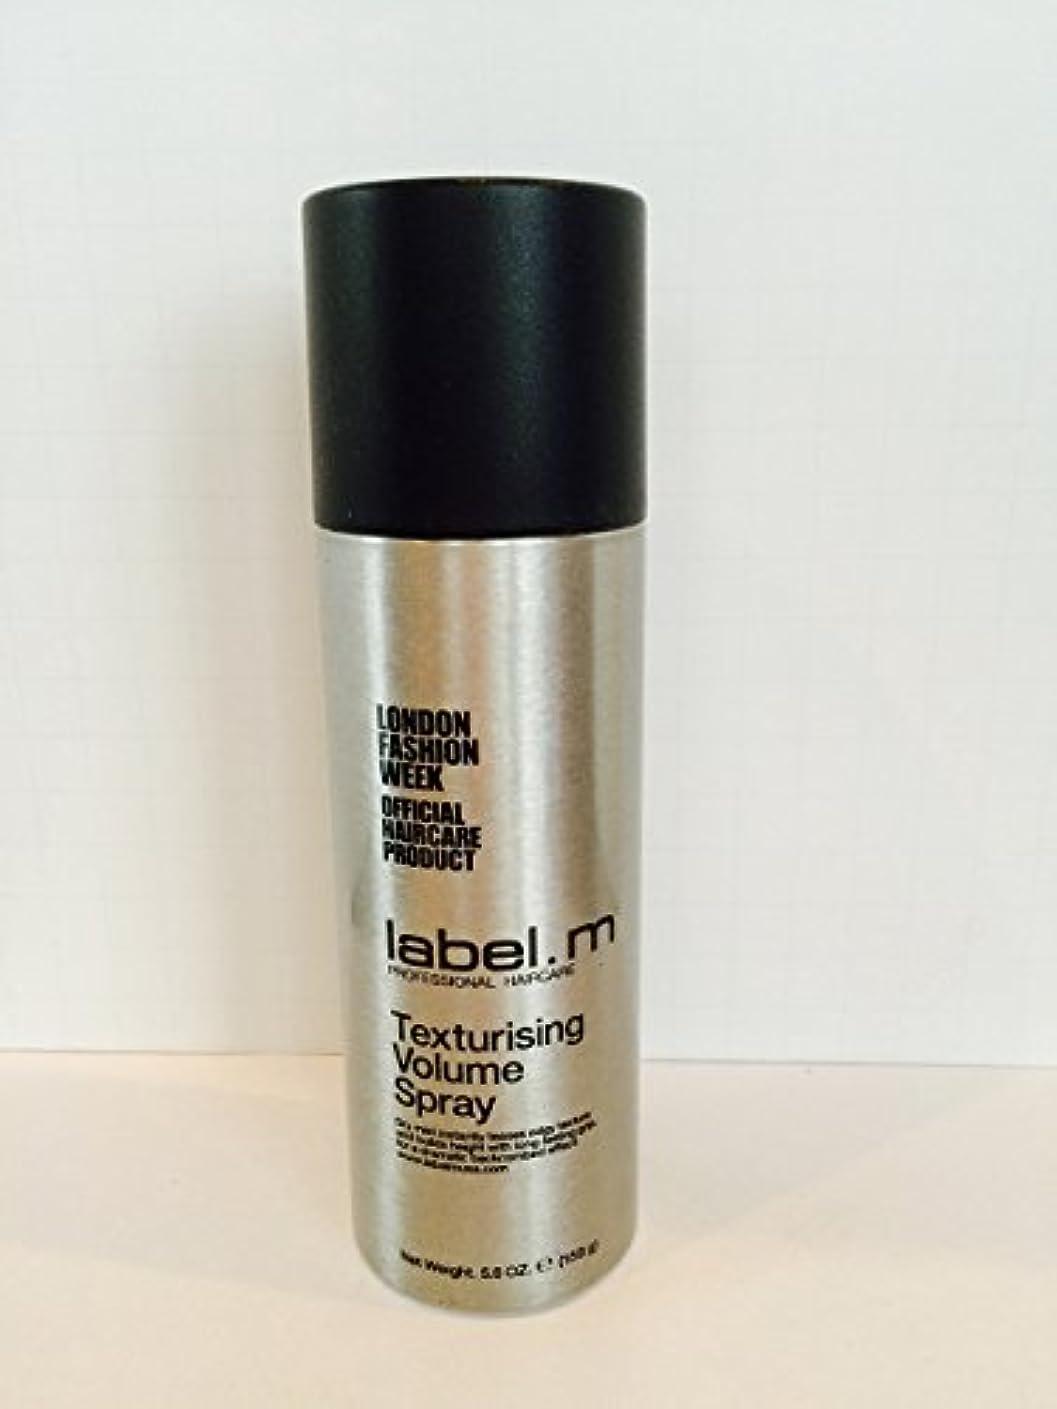 無人空白特にLabel.M Professional Haircare Label.Mテクスチャーボリュームスプレー、5.6オンス